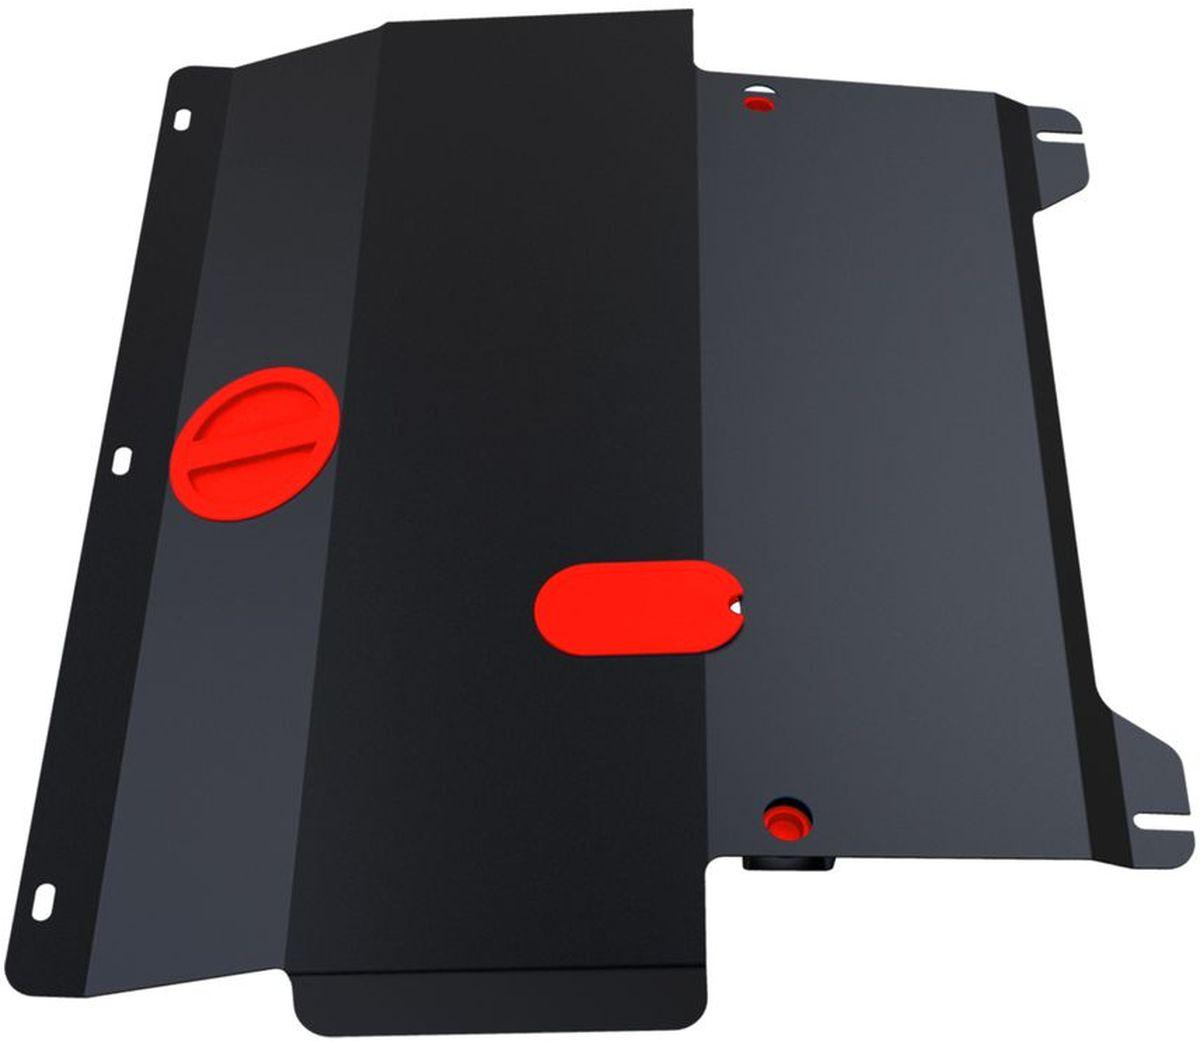 Защита картера и КПП Автоброня, для Ford Fiesta. 111.01805.298298123_черныйТехнологически совершенный продукт за невысокую стоимость.Защита разработана с учетом особенностей днища автомобиля, что позволяет сохранить дорожный просвет с минимальным изменением.Защита устанавливается в штатные места кузова автомобиля. Глубокий штамп обеспечивает до двух раз больше жесткости в сравнении с обычной защитой той же толщины. Проштампованные ребра жесткости препятствуют деформации защиты при ударах.Тепловой зазор и вентиляционные отверстия обеспечивают сохранение температурного режима двигателя в норме. Скрытый крепеж предотвращает срыв крепежных элементов при наезде на препятствие.Шумопоглощающие резиновые элементы обеспечивают комфортную езду без вибраций и скрежета металла, а съемные лючки для слива масла и замены фильтра - экономию средств и время.Конструкция изделия не влияет на пассивную безопасность автомобиля (при ударе защита не воздействует на деформационные зоны кузова). Со штатным крепежом. В комплекте инструкция по установке.Толщина стали: 2 мм.